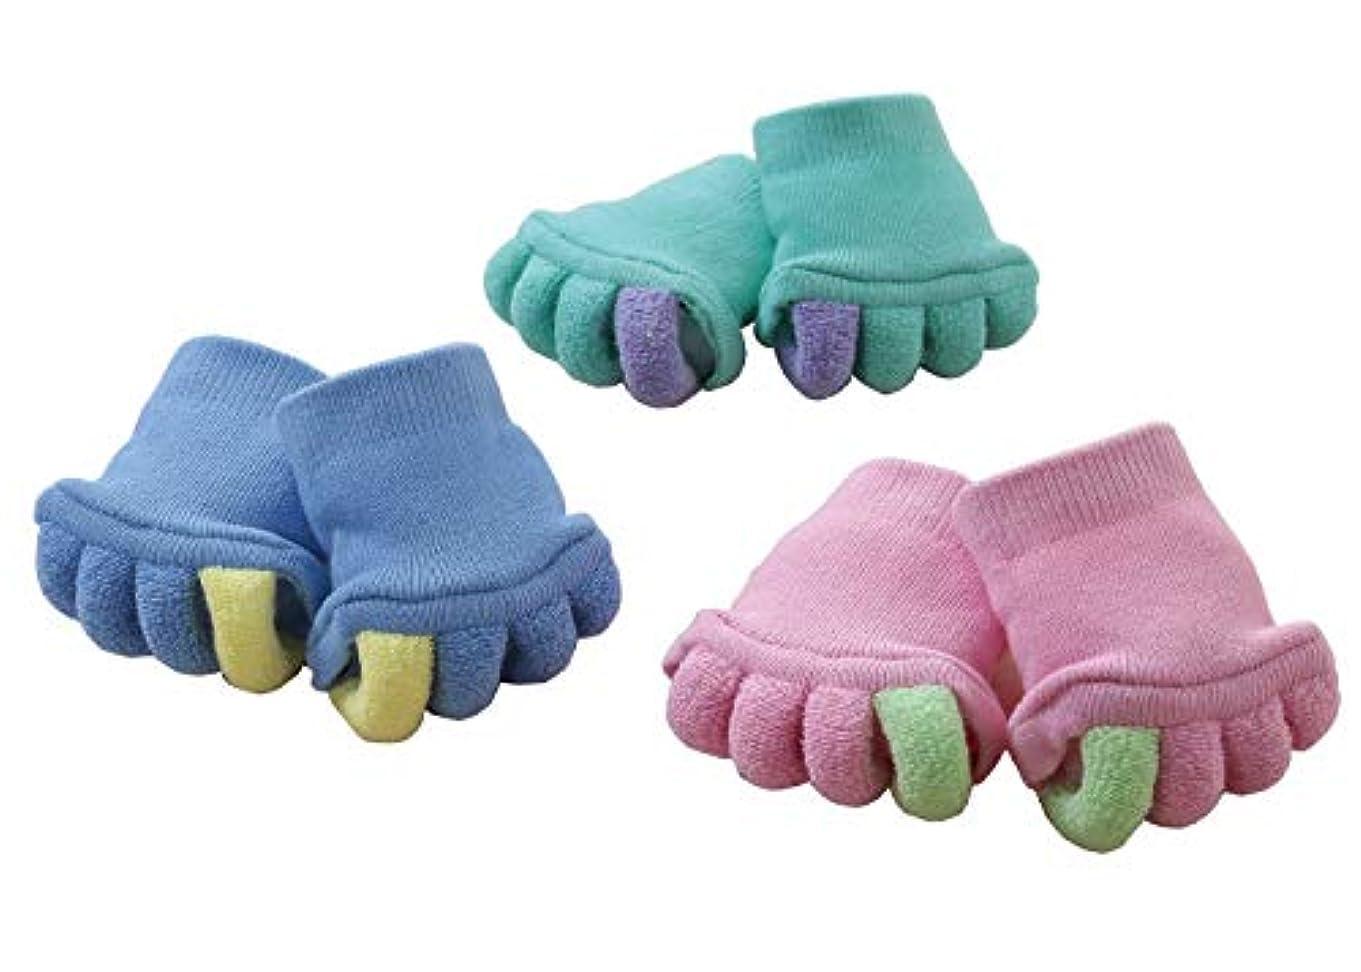 宿題をする微弱弾丸足指をストレッチ ふわふわ足指カバー 3色組